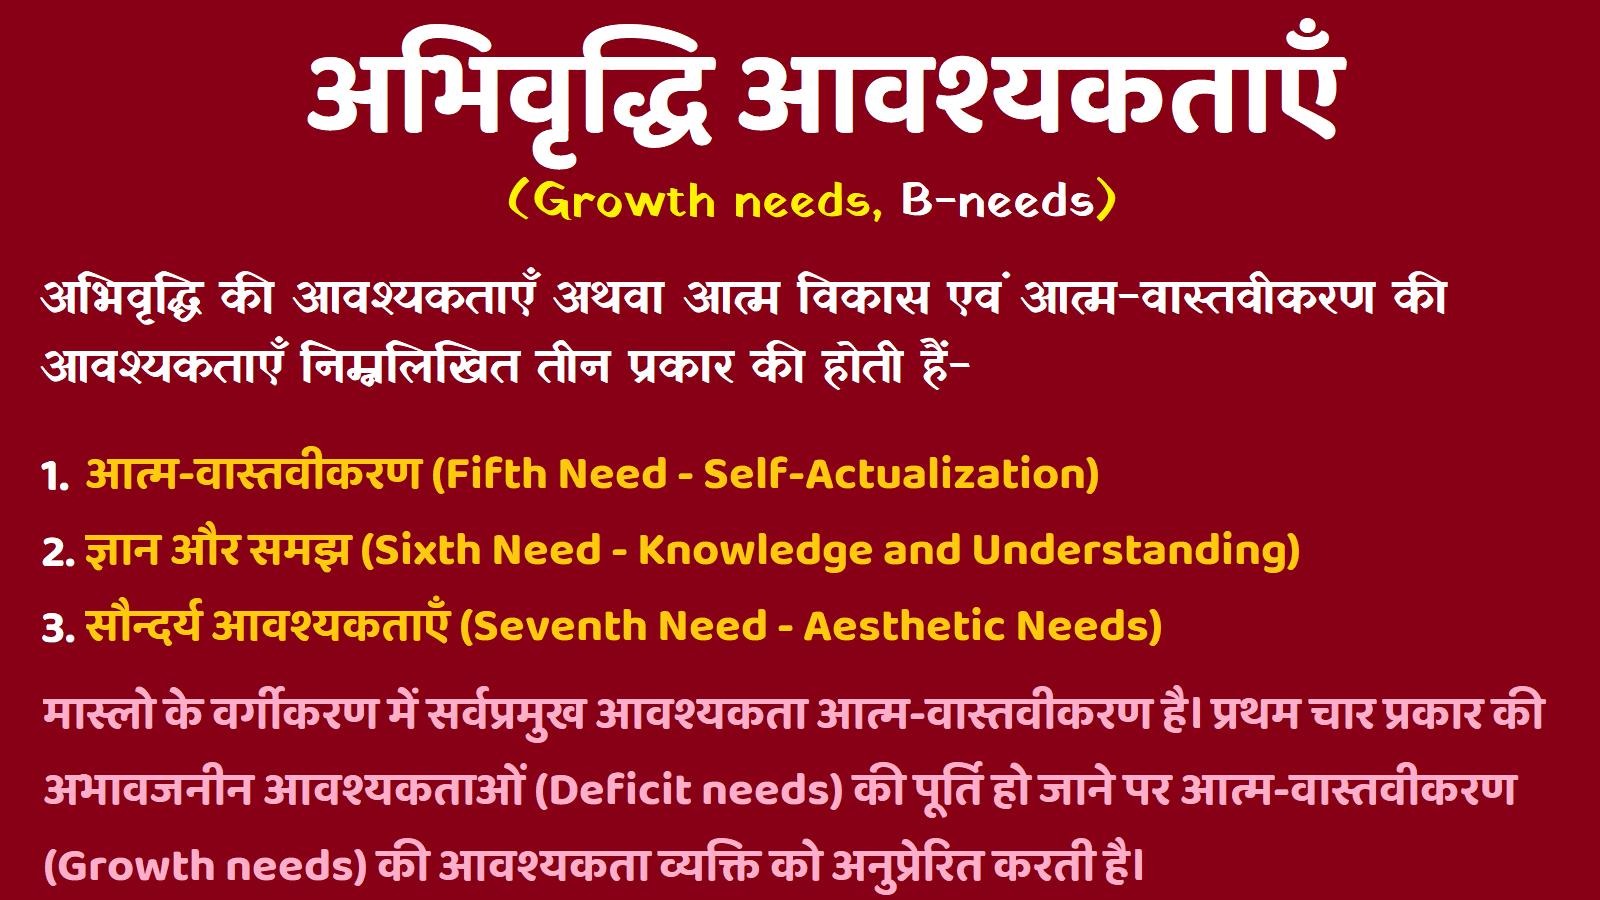 Abhivriddhi Avashyakta